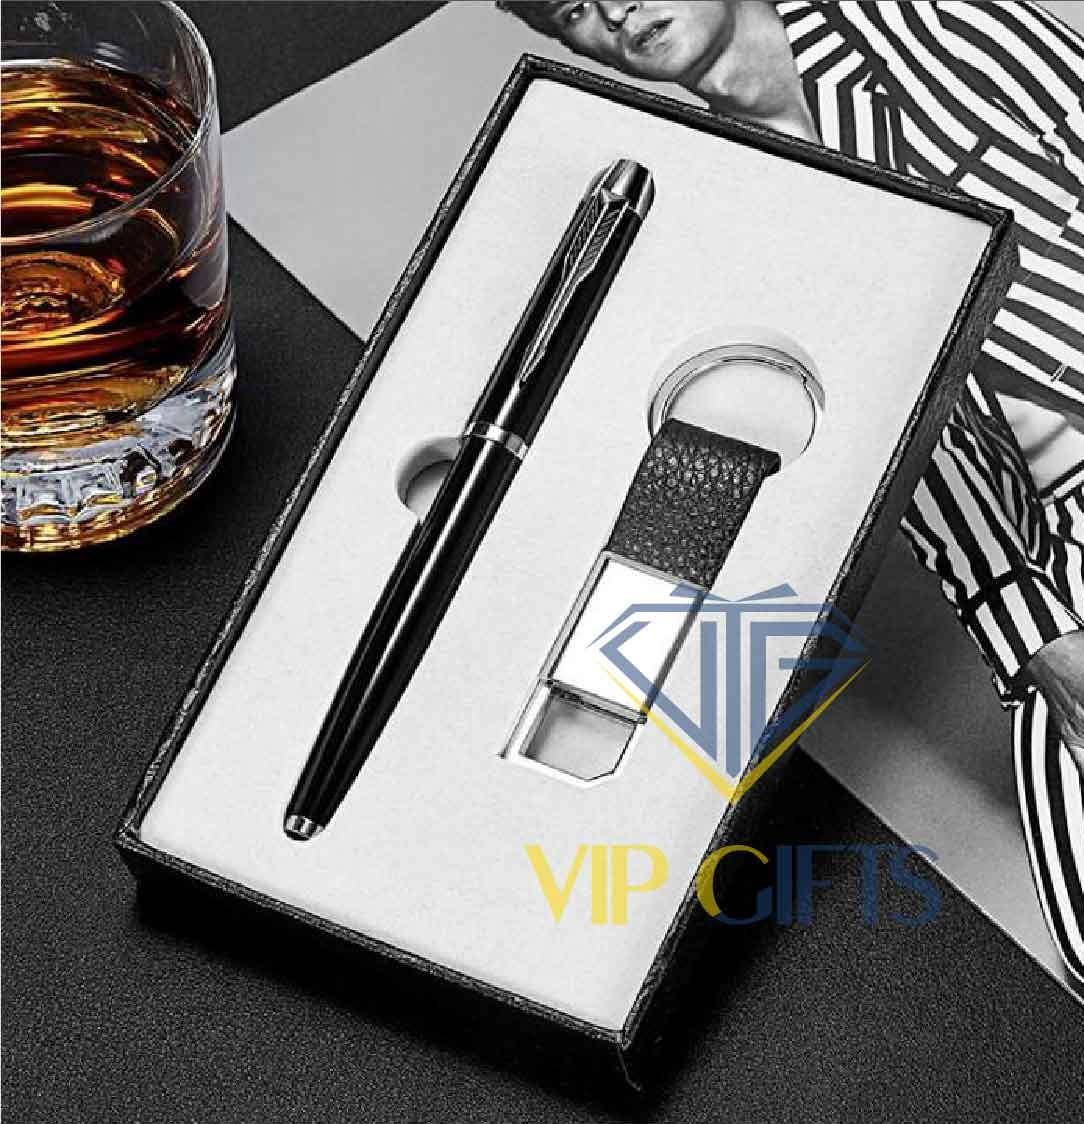 Bộ giftset Quà tặng VIP bút móc khóa 01